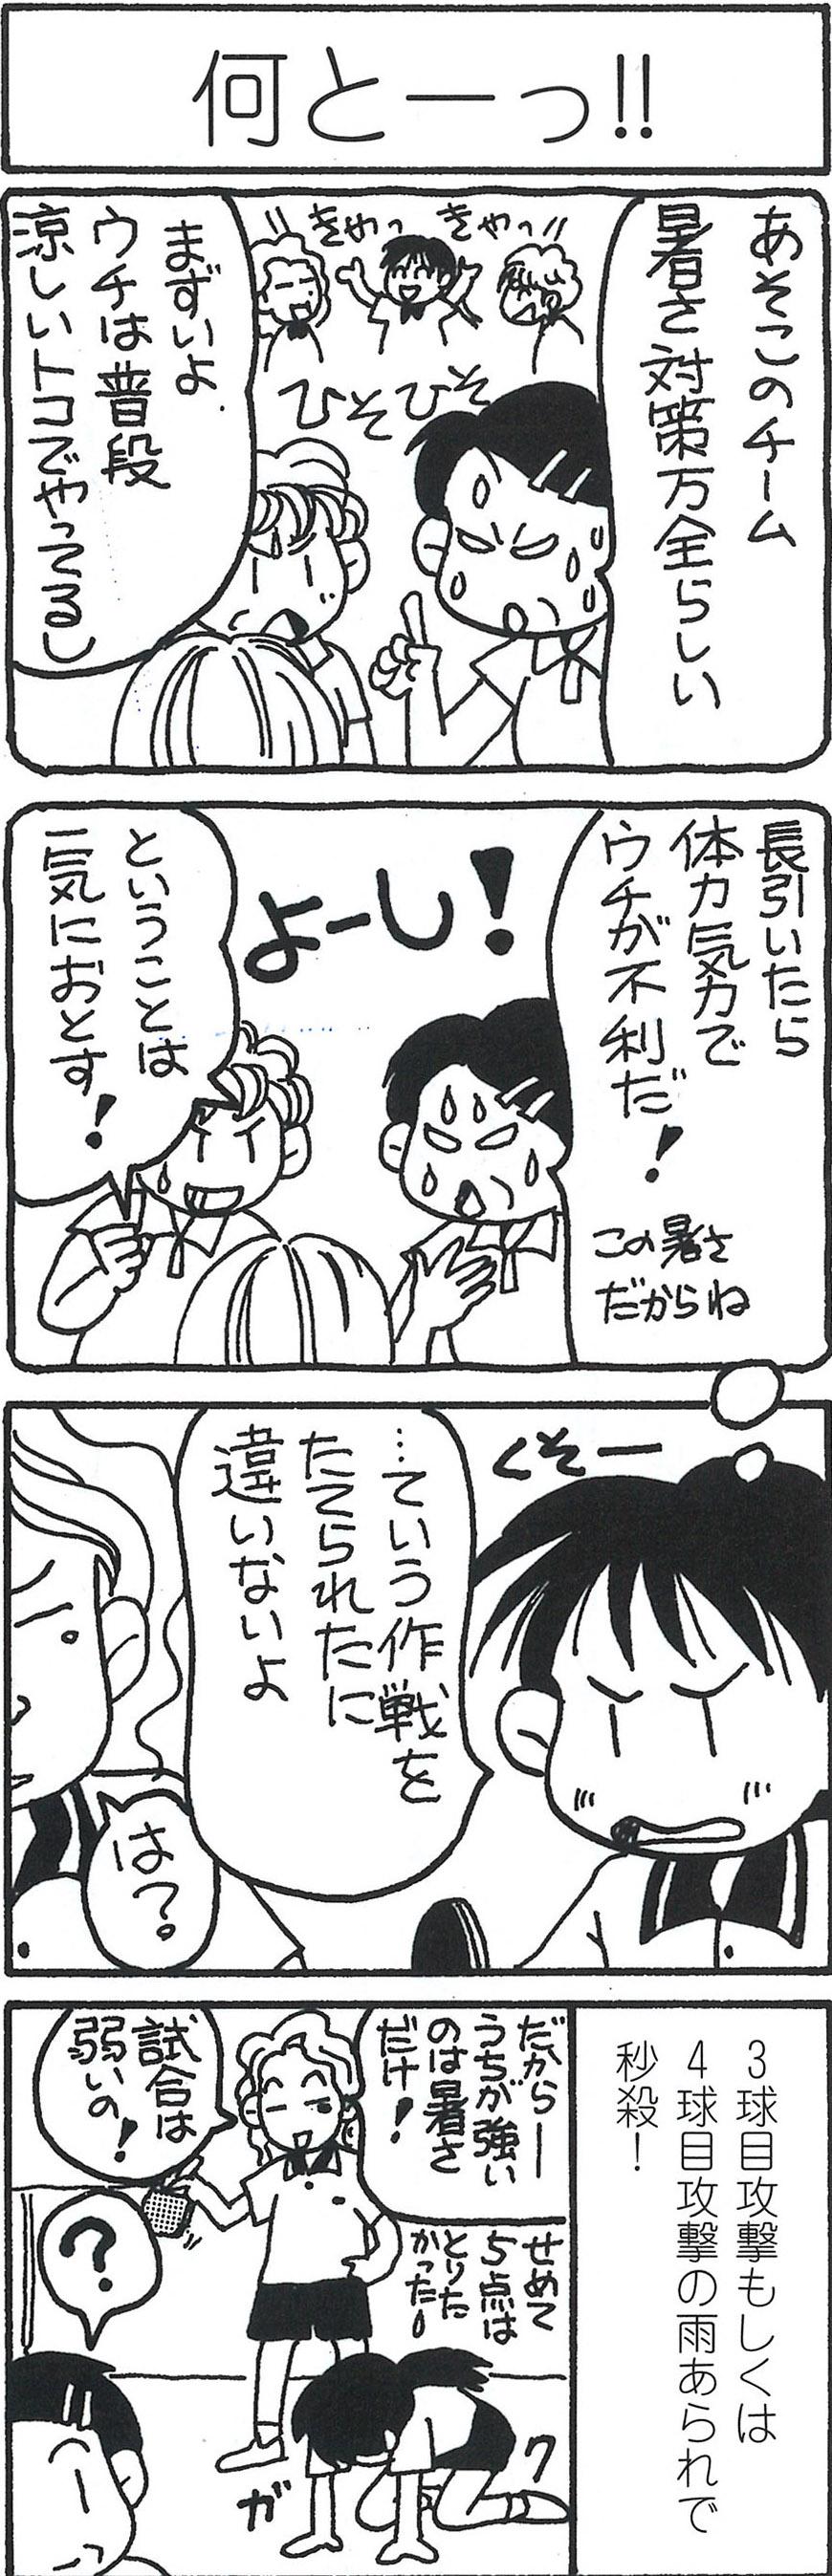 何とーっ!!